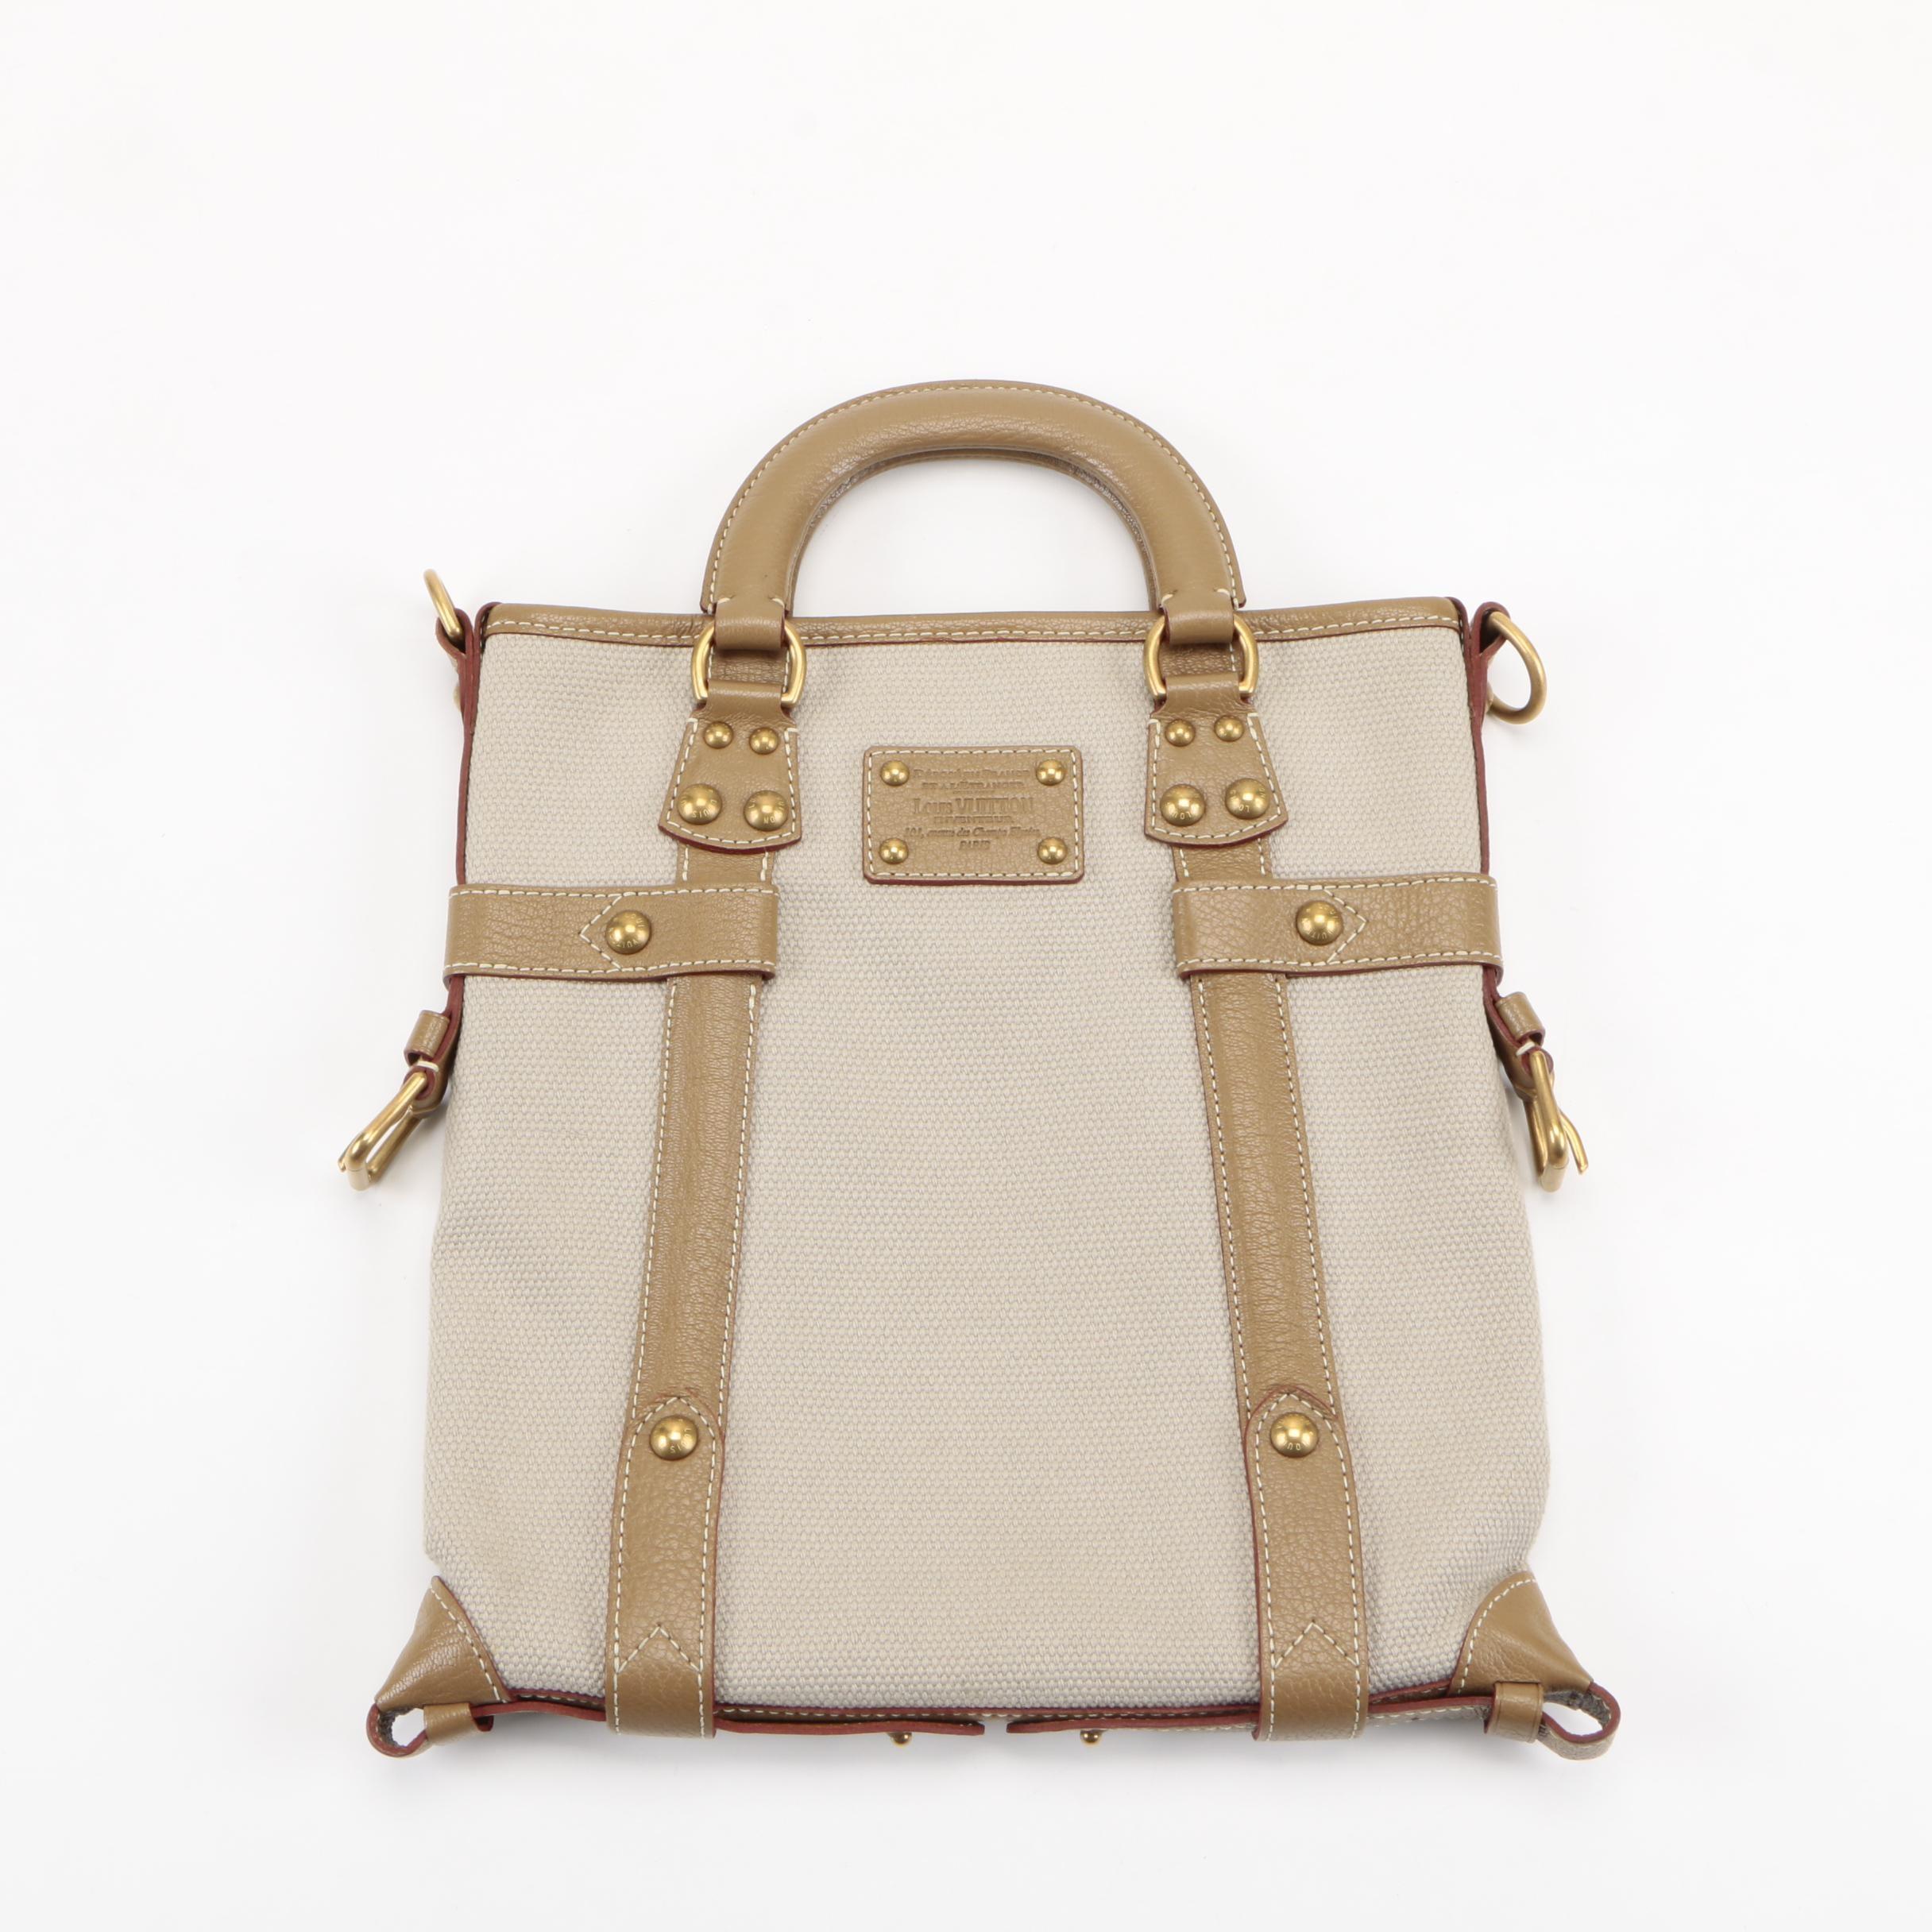 Louis Vuitton Trianon Poids Plume Tote Bag